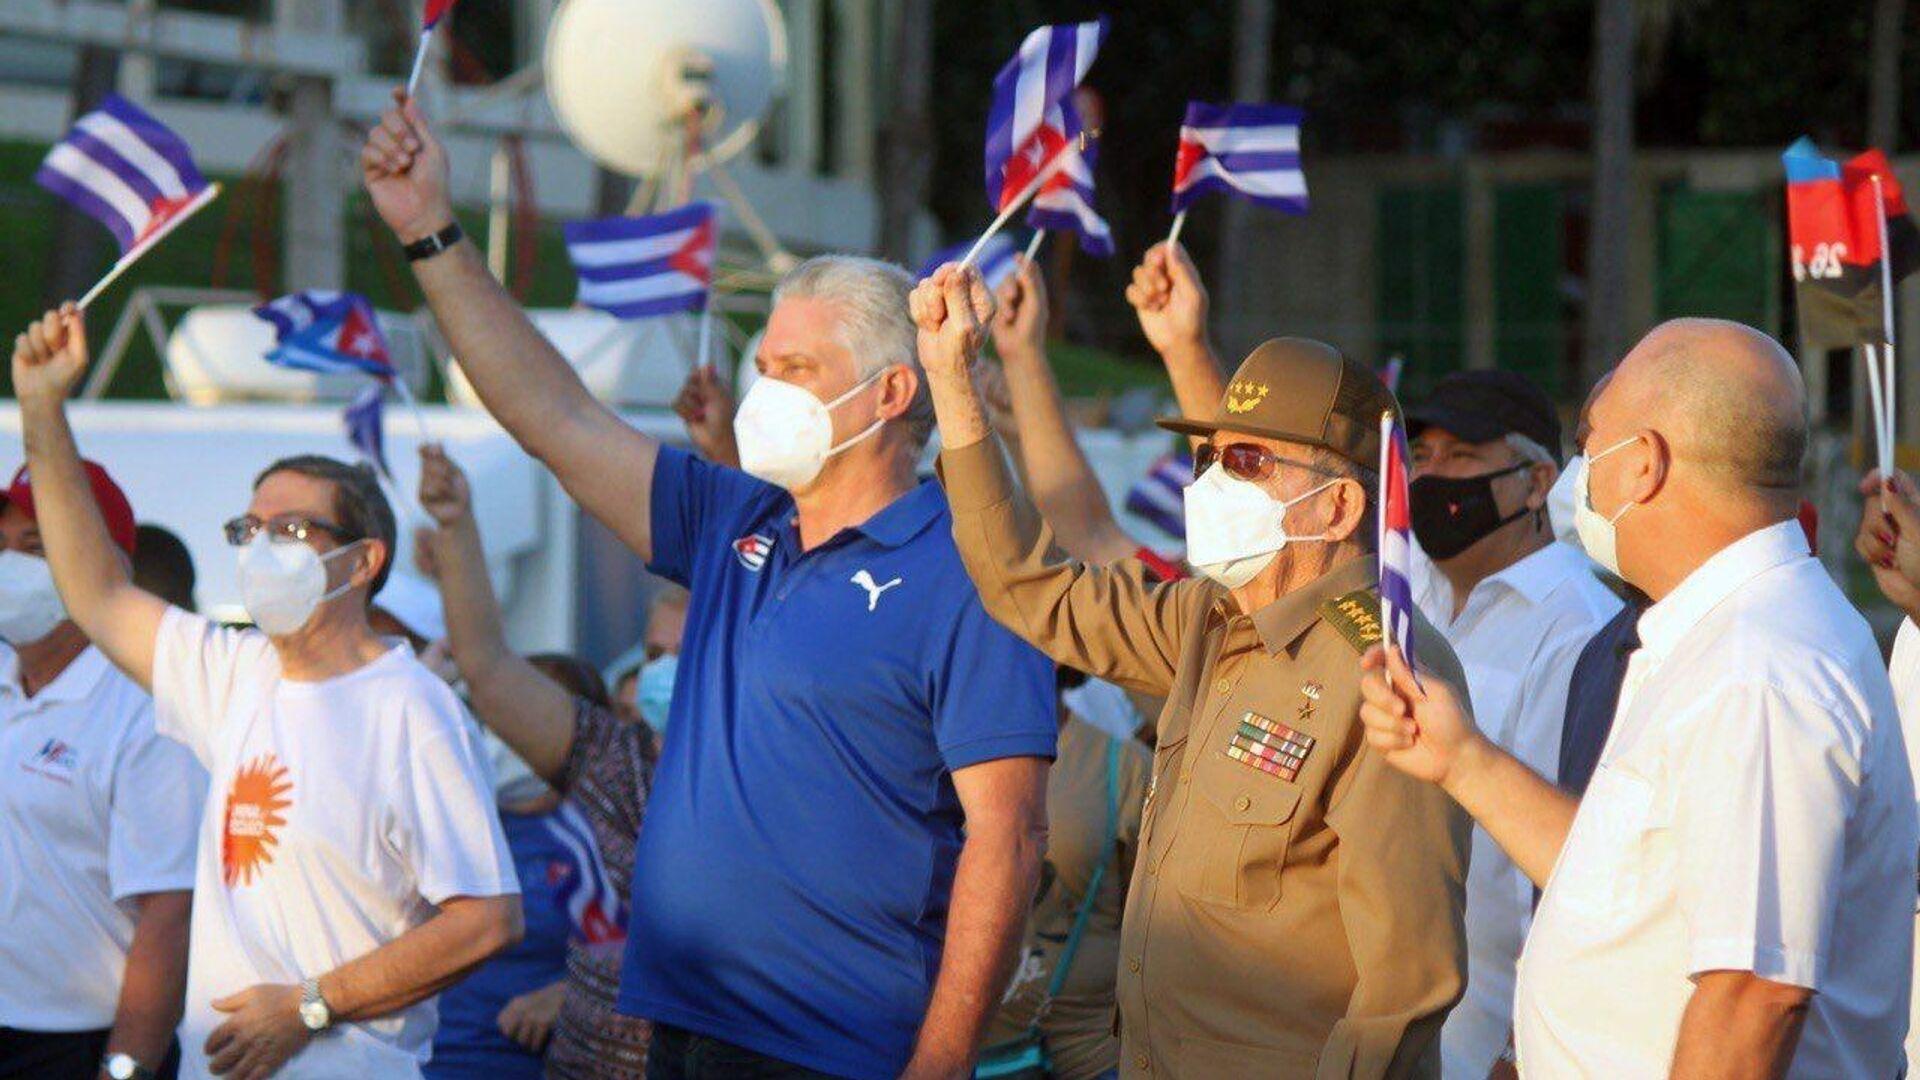 El presidente de Cuba, Miguel Díaz-Canel, junto a Raúl Castro en una concentración a favor del Gobierno celebrada en La Habana - Sputnik Mundo, 1920, 17.07.2021